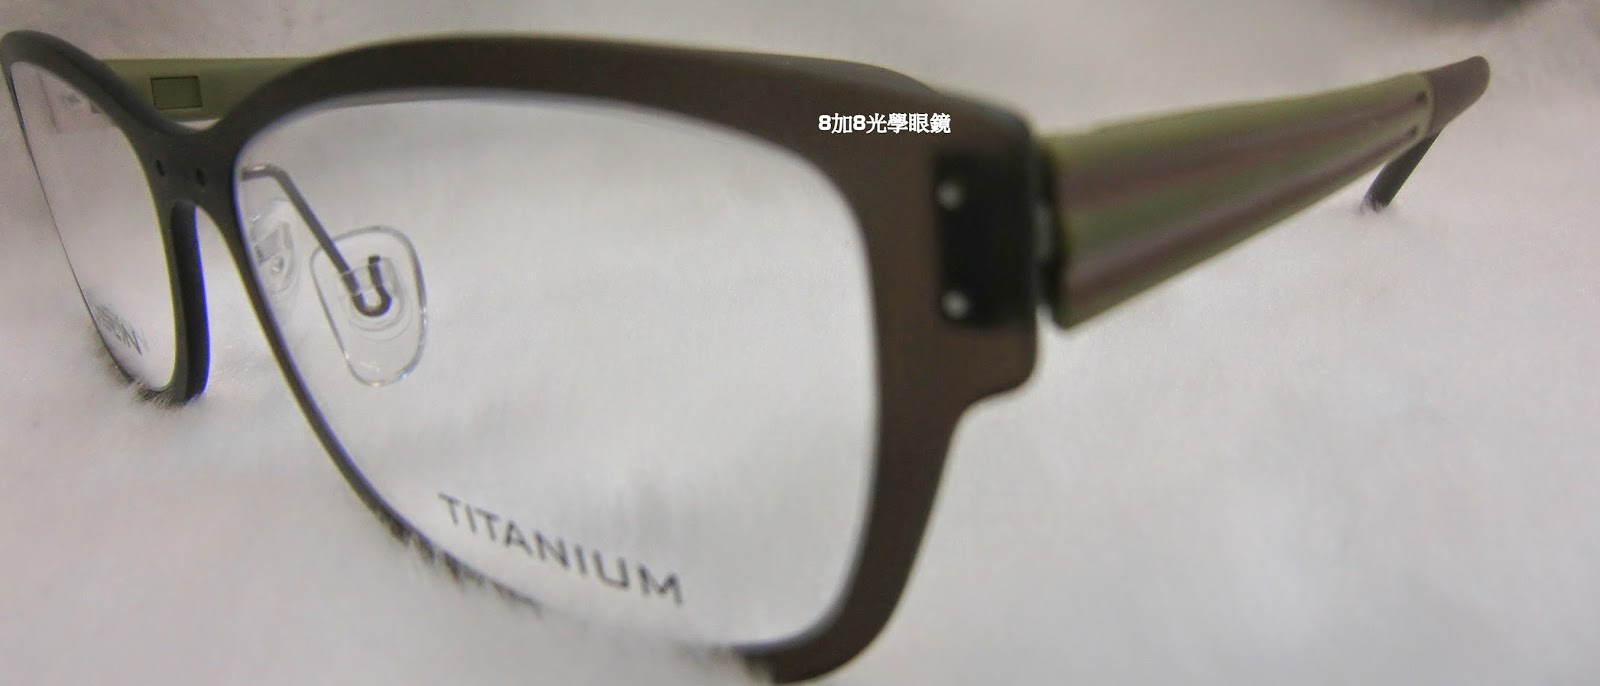 8加8光學眼鏡: FUSION 精緻美~~